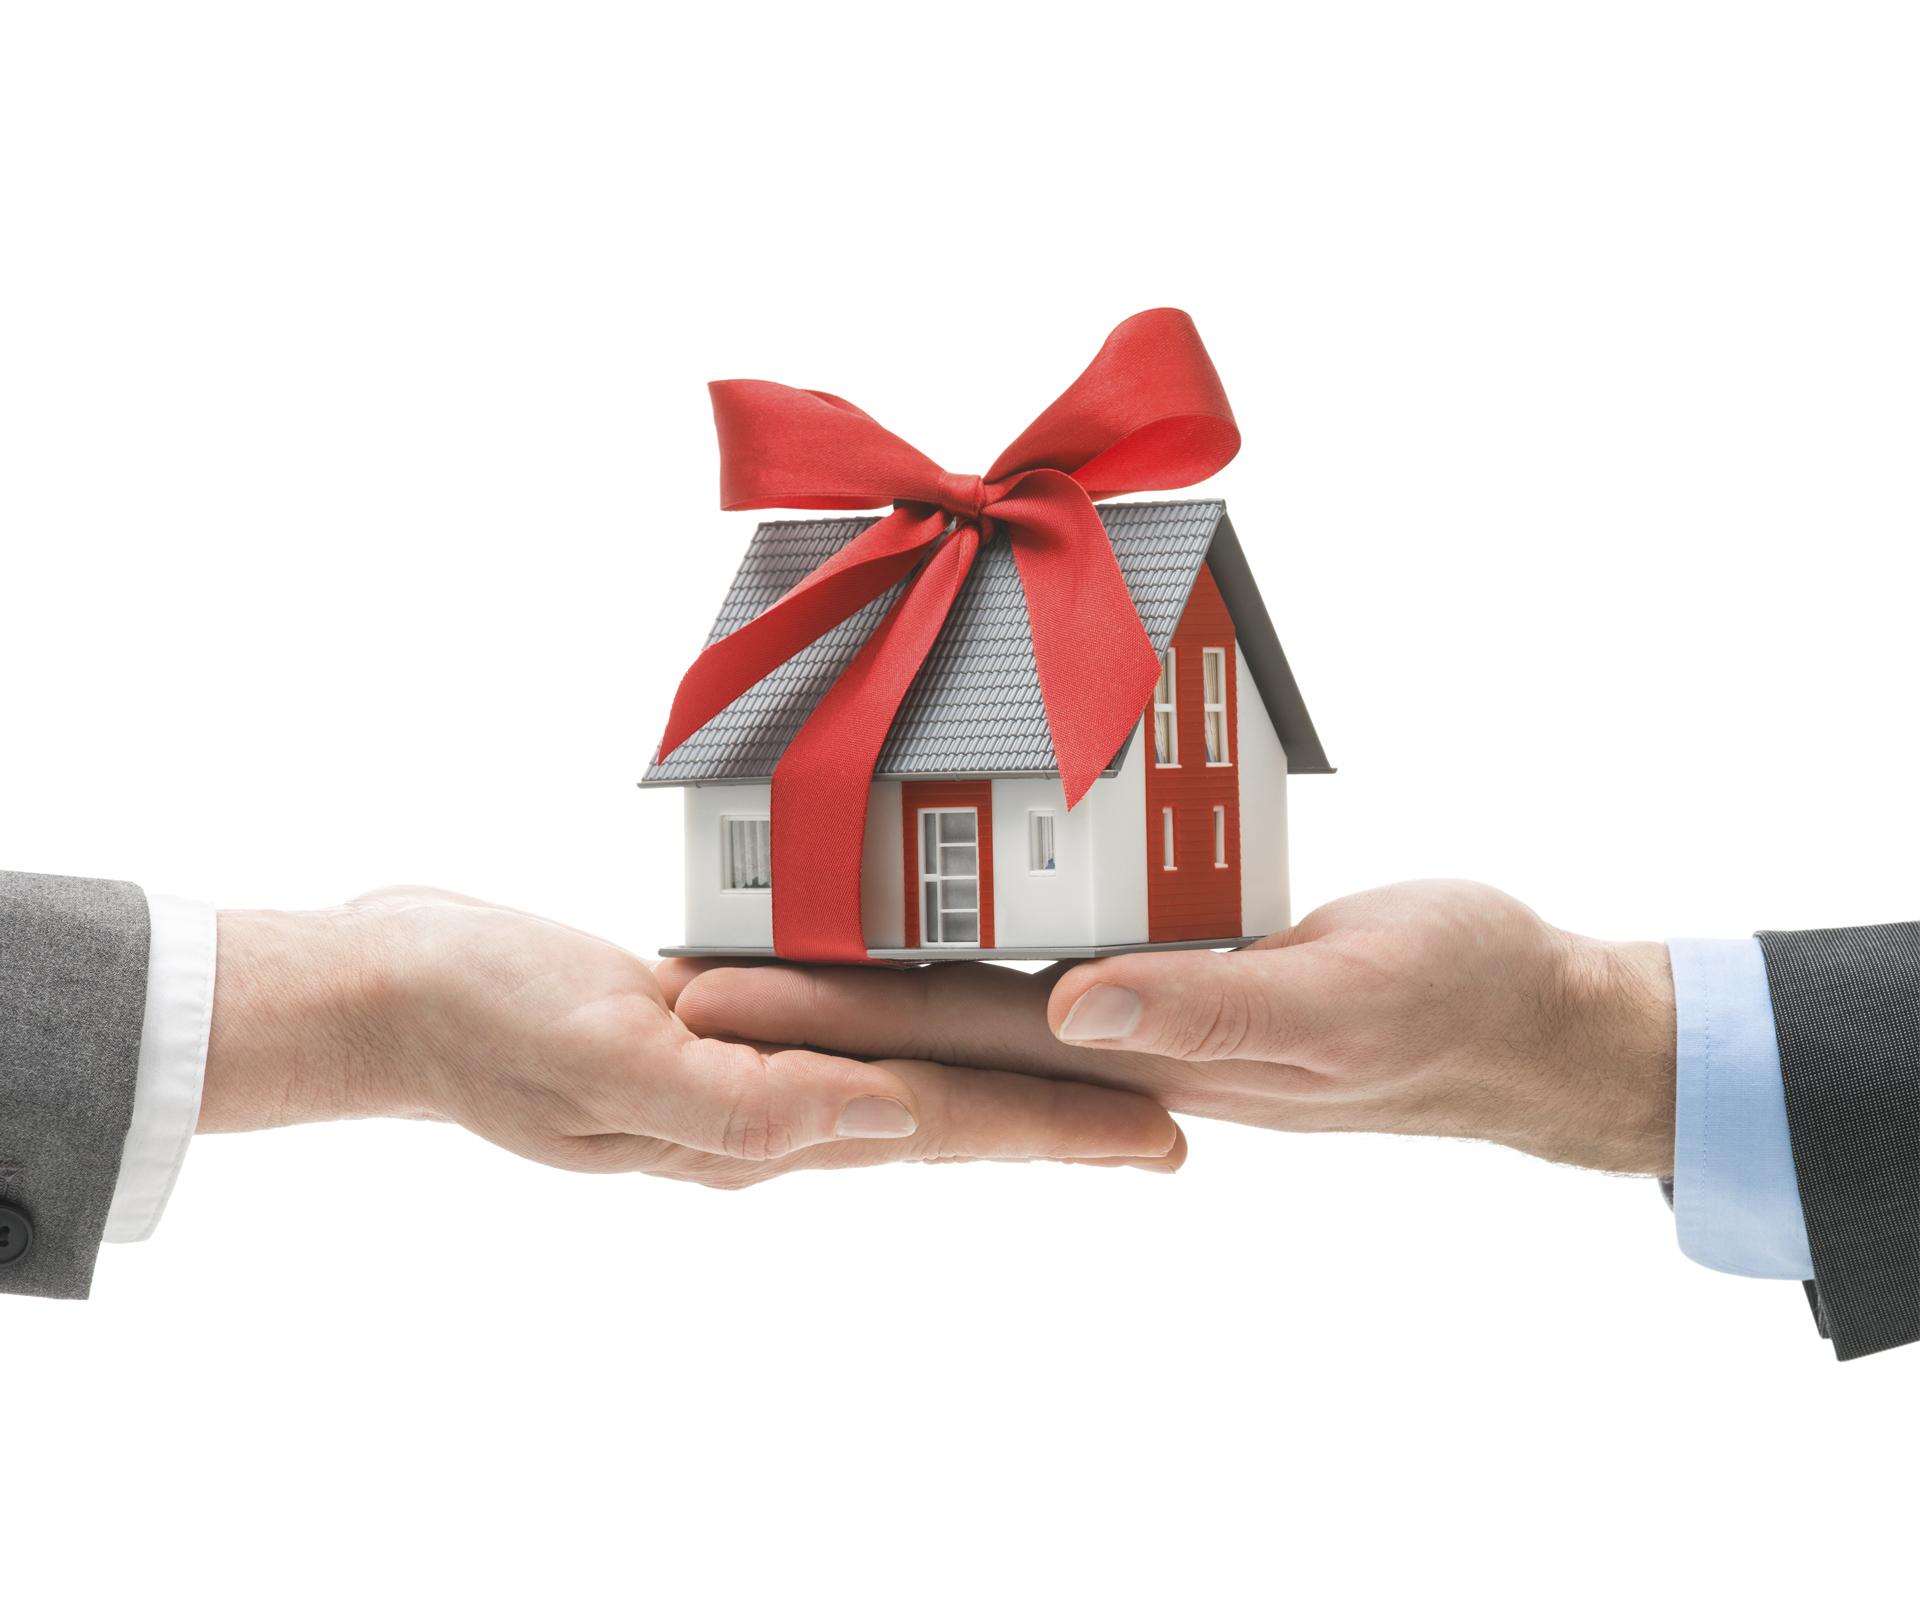 Stai per vendere una casa che ti arrivata per donazione - Vendere una casa ricevuta in donazione ...